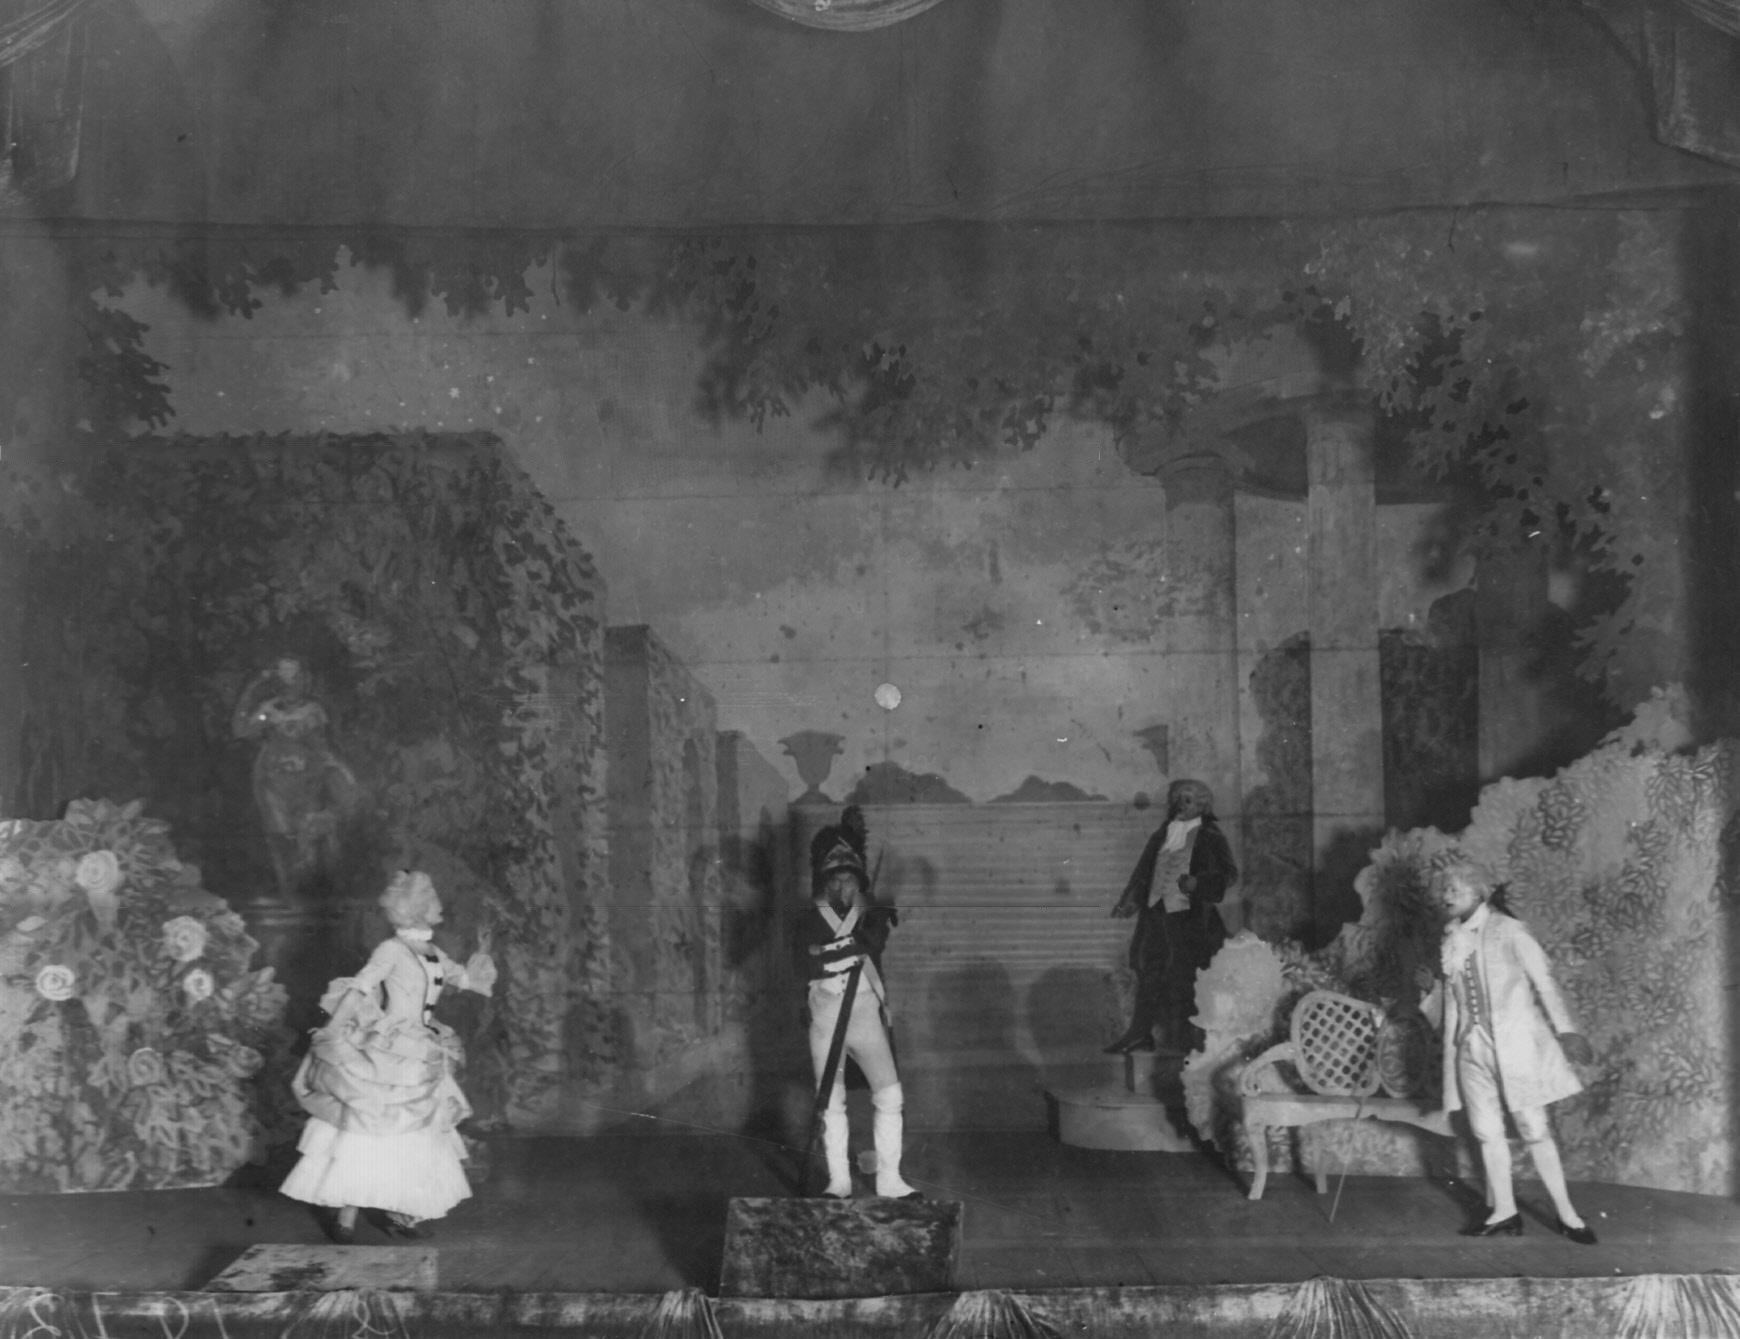 1912. Сцена из спектакля «В Версале» по пьесе Л. Никулина.